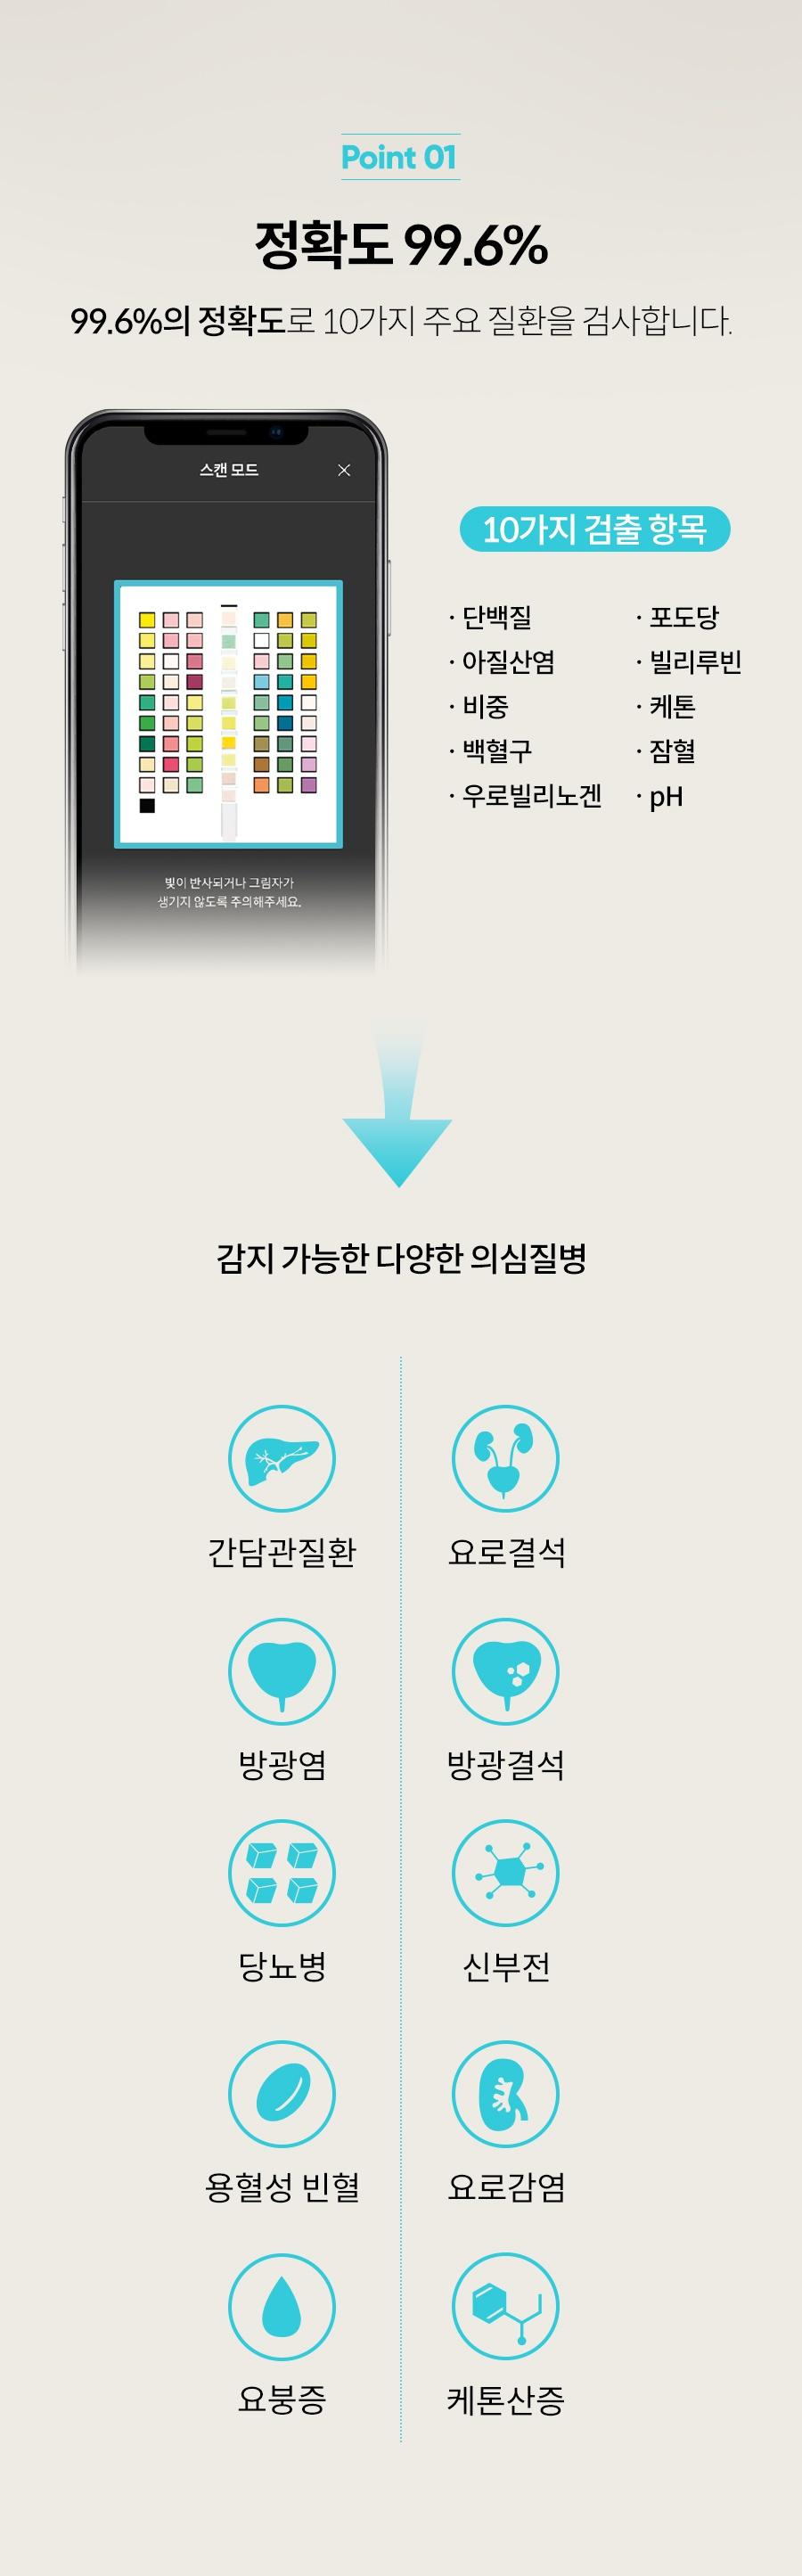 [리뉴얼이벤트] 어헤드 베이직 리뉴얼 출시-상품이미지-4